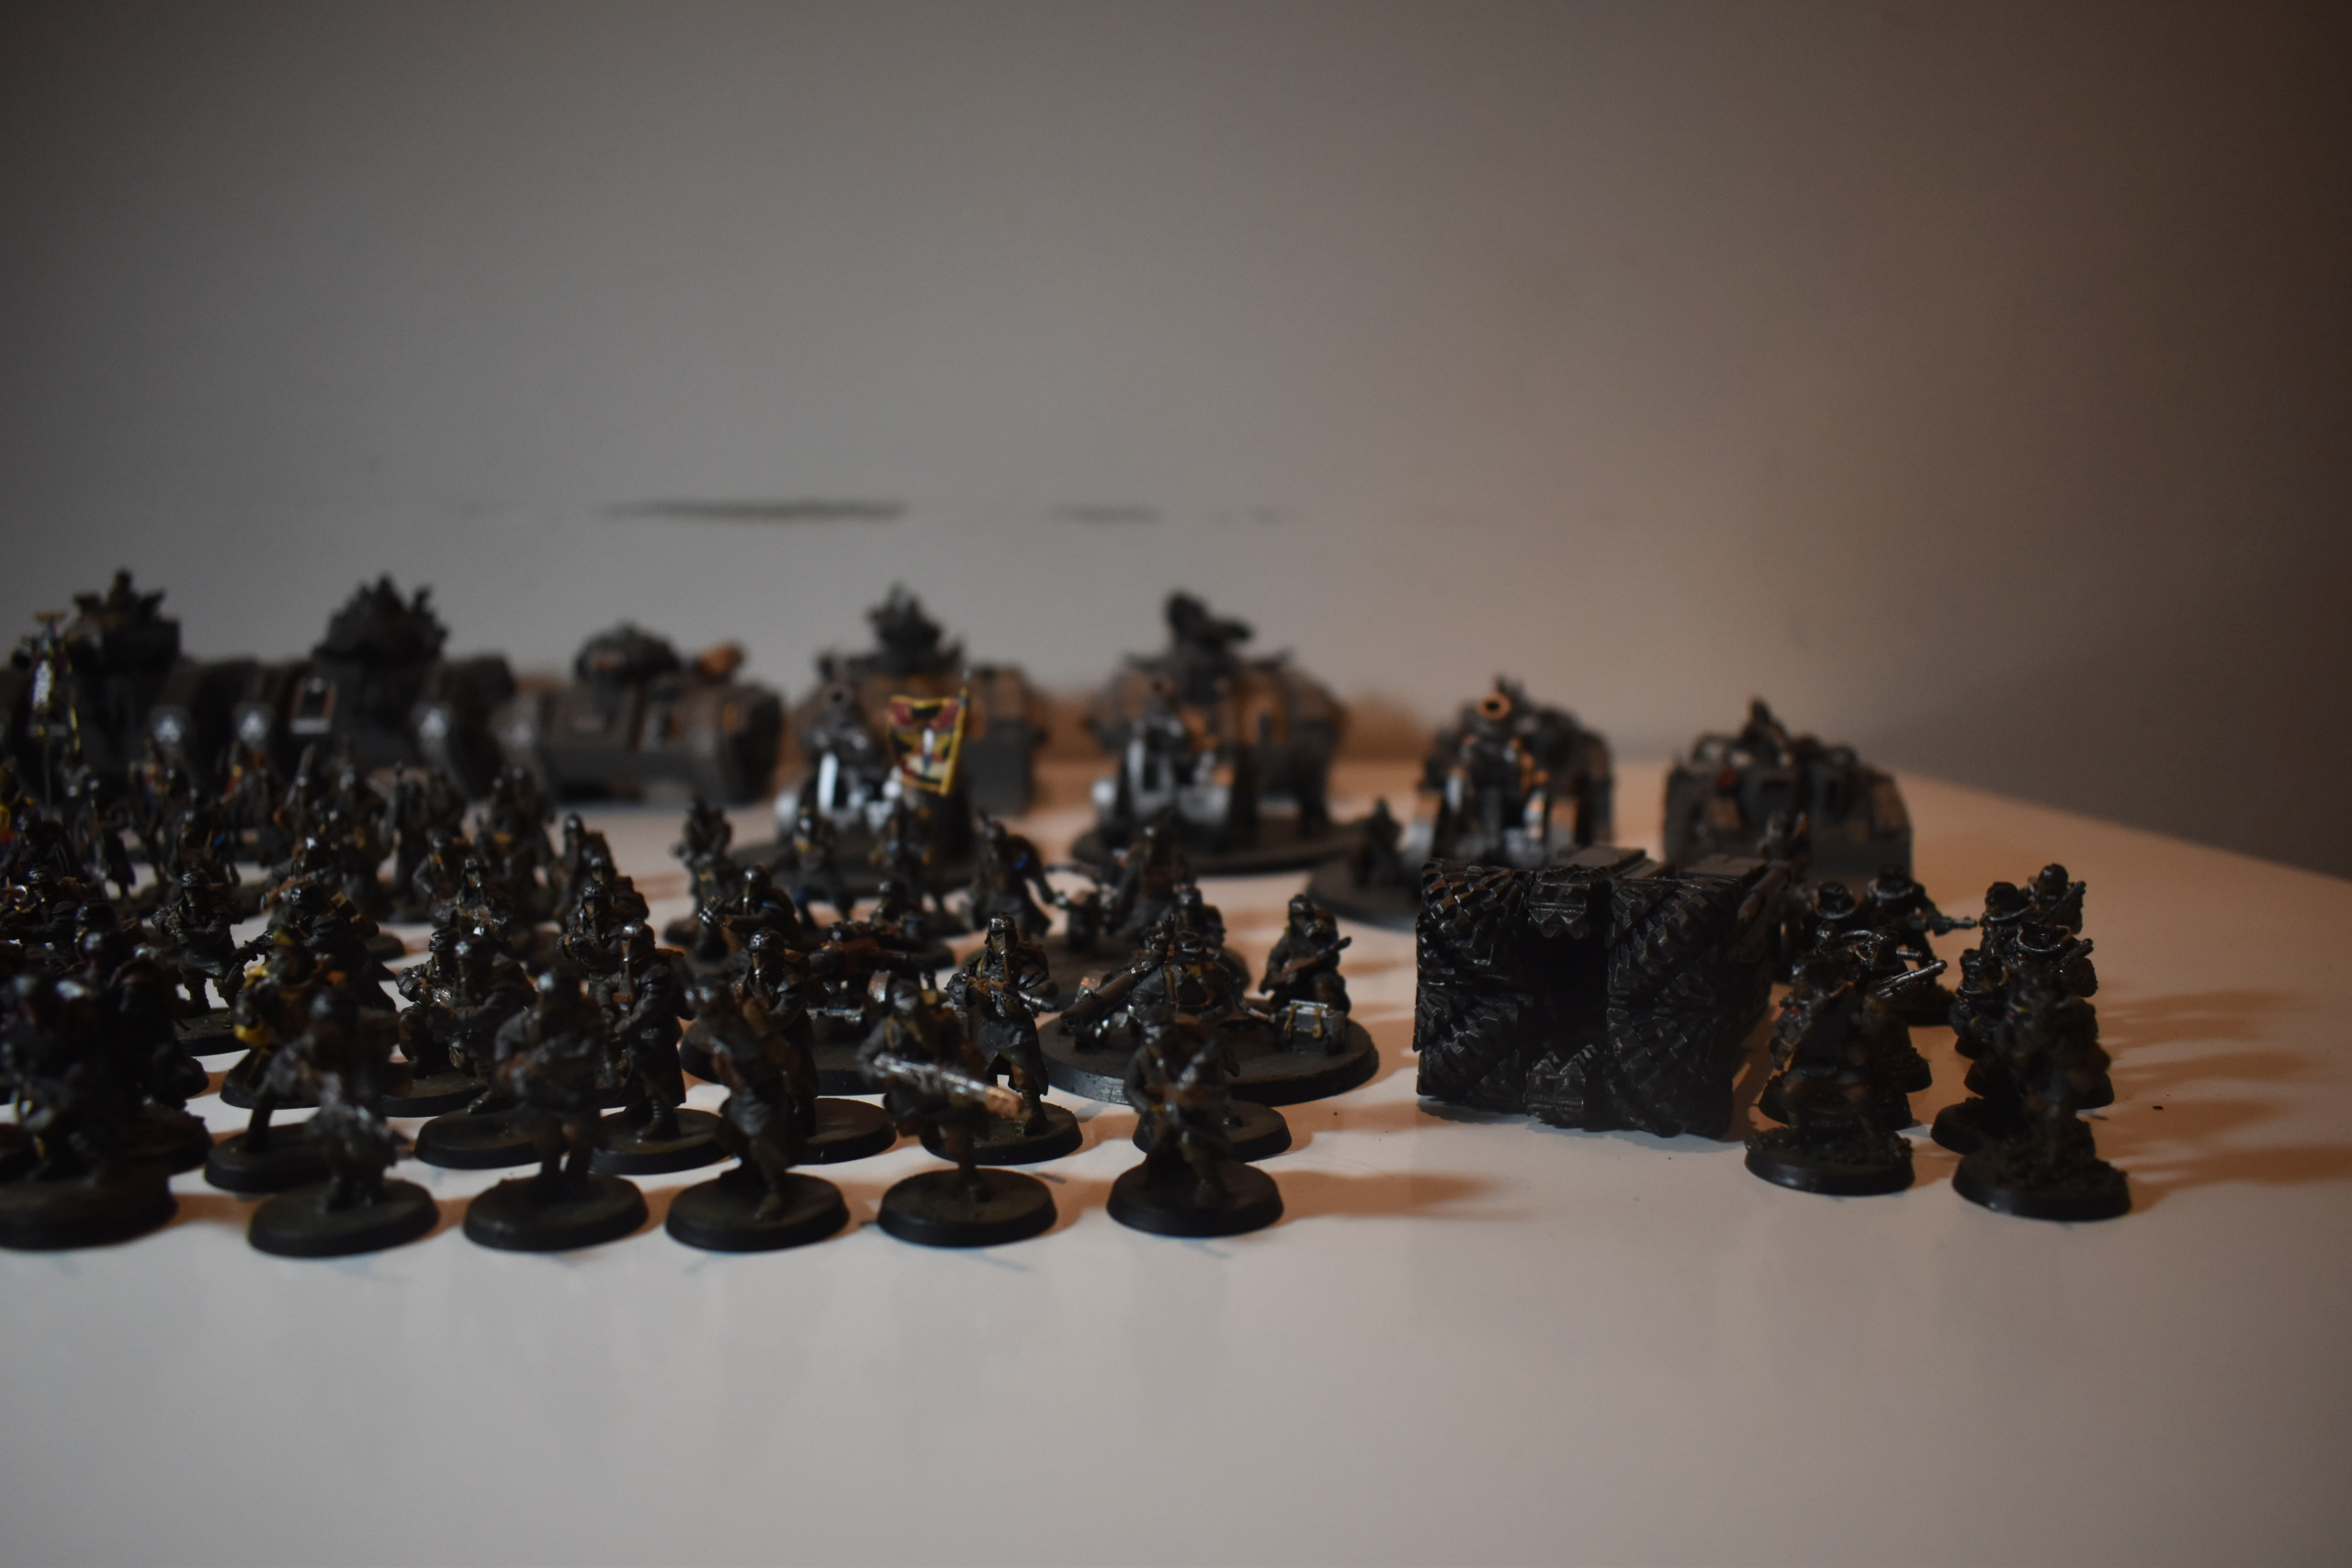 Les Armées de Nico. (Battle, 40K & HH) - Page 6 Dsc_0243